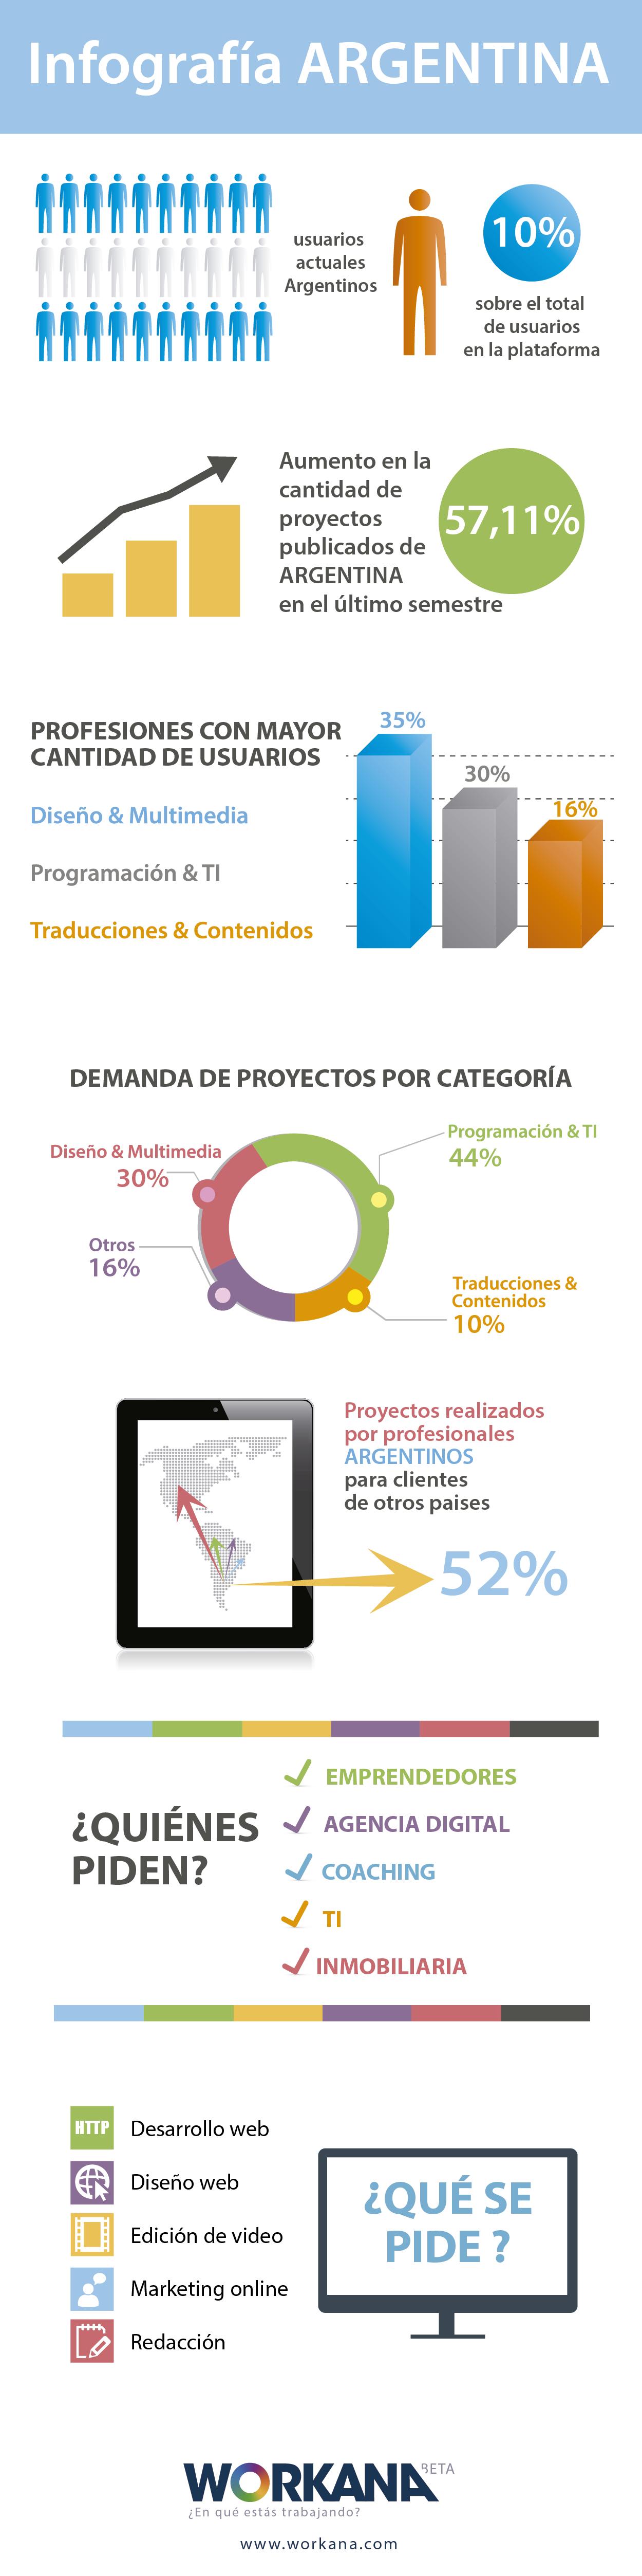 Infografía sobre Workana en Argentina